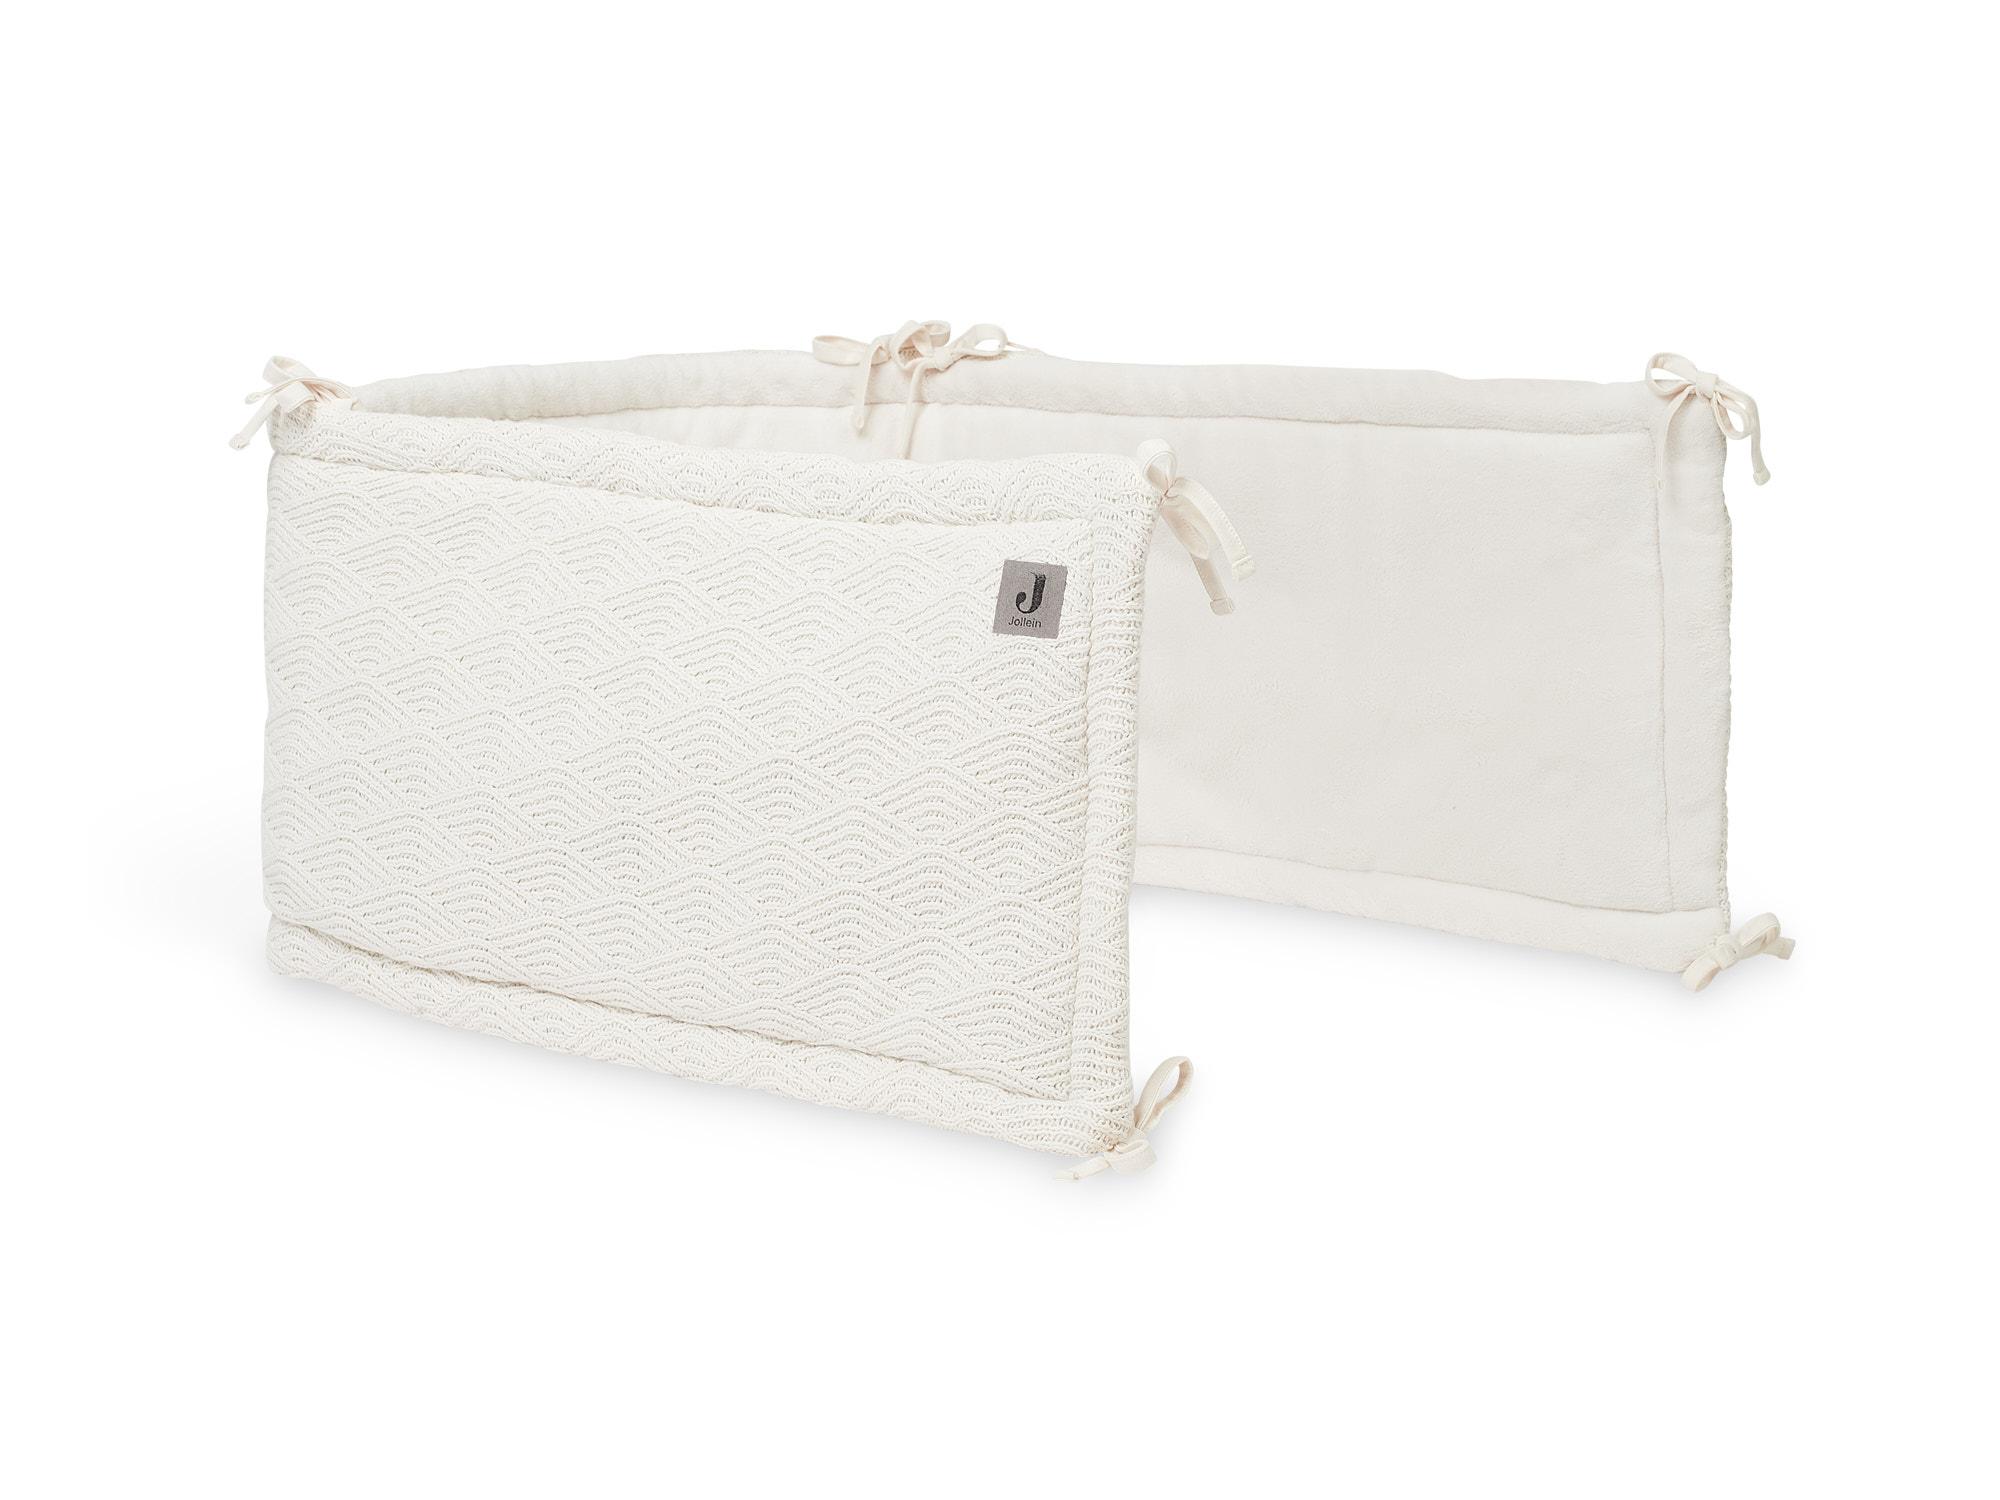 Bettnestchen Strick River Knit creme weiß (Gr. 35x 180 cm)